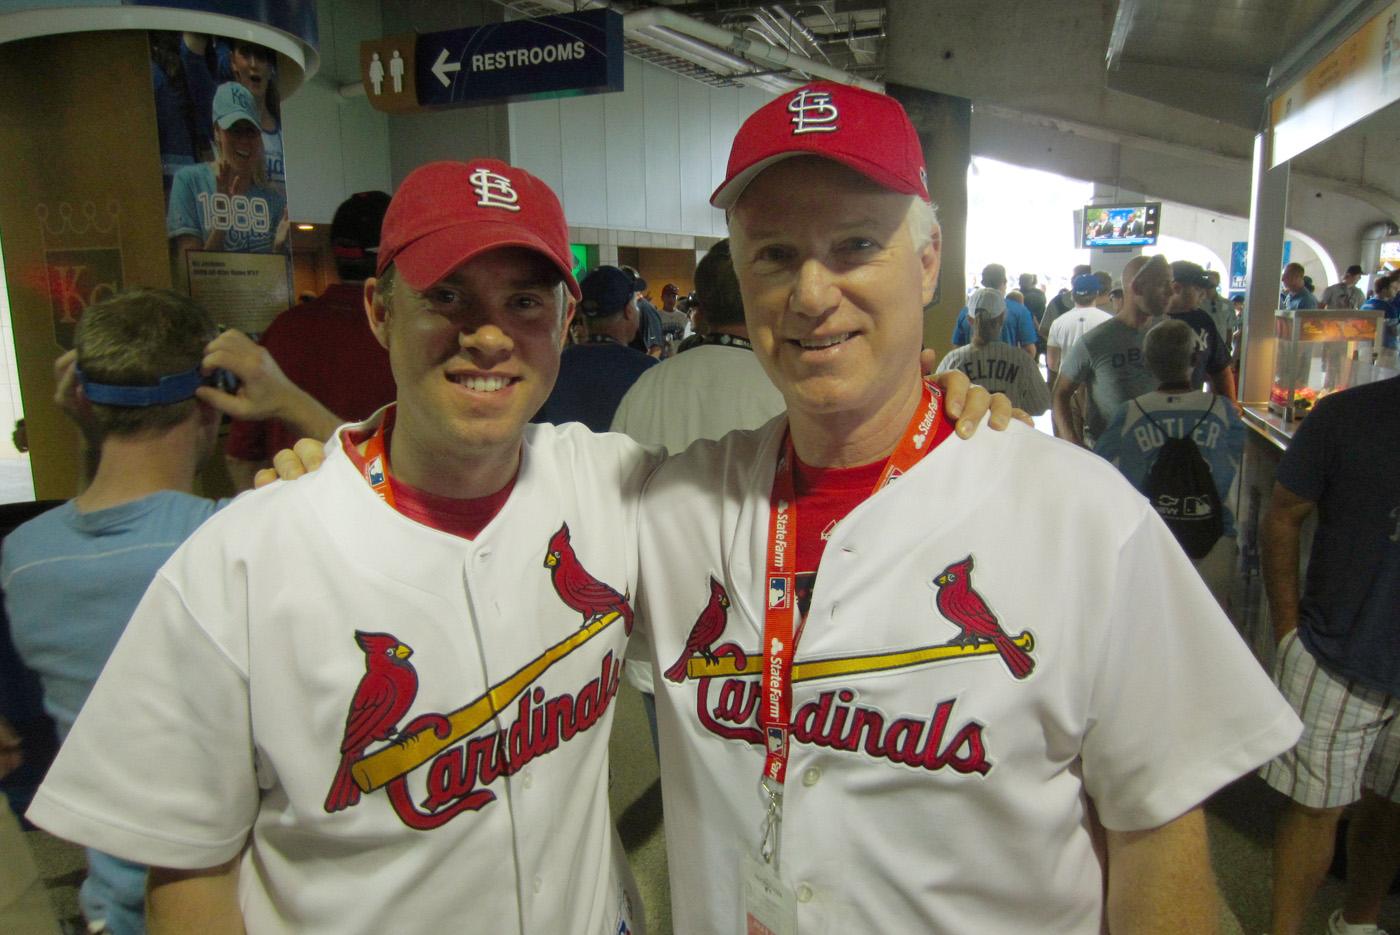 Cardinals_Fans.jpg